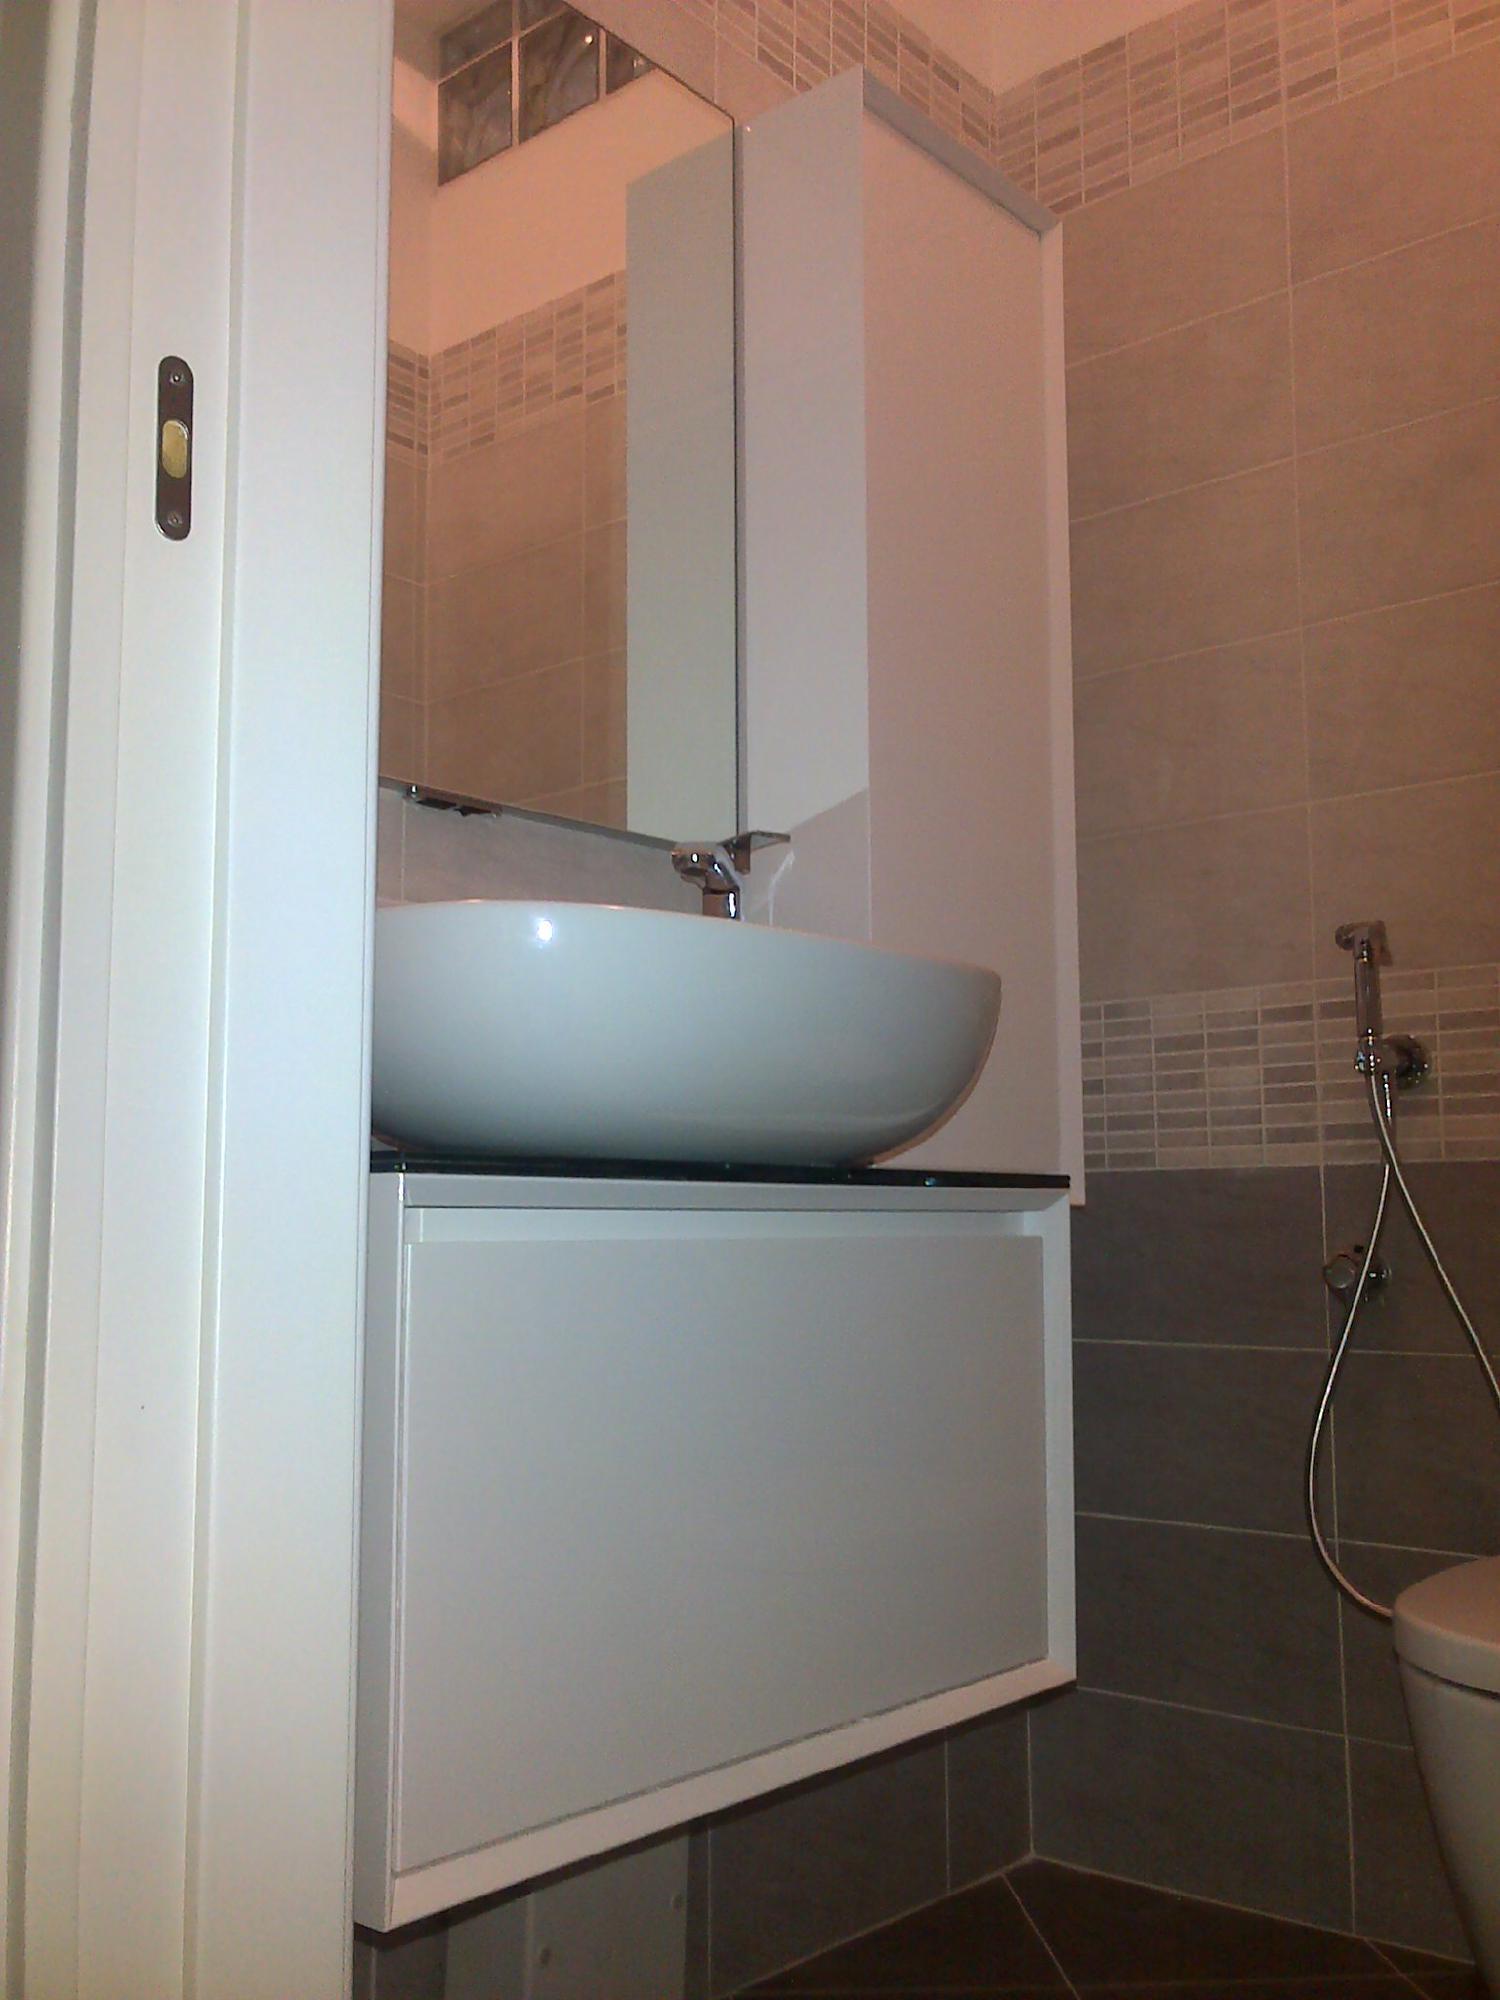 Bagno piccolo bianco specchi su misura leroy merlin elegant